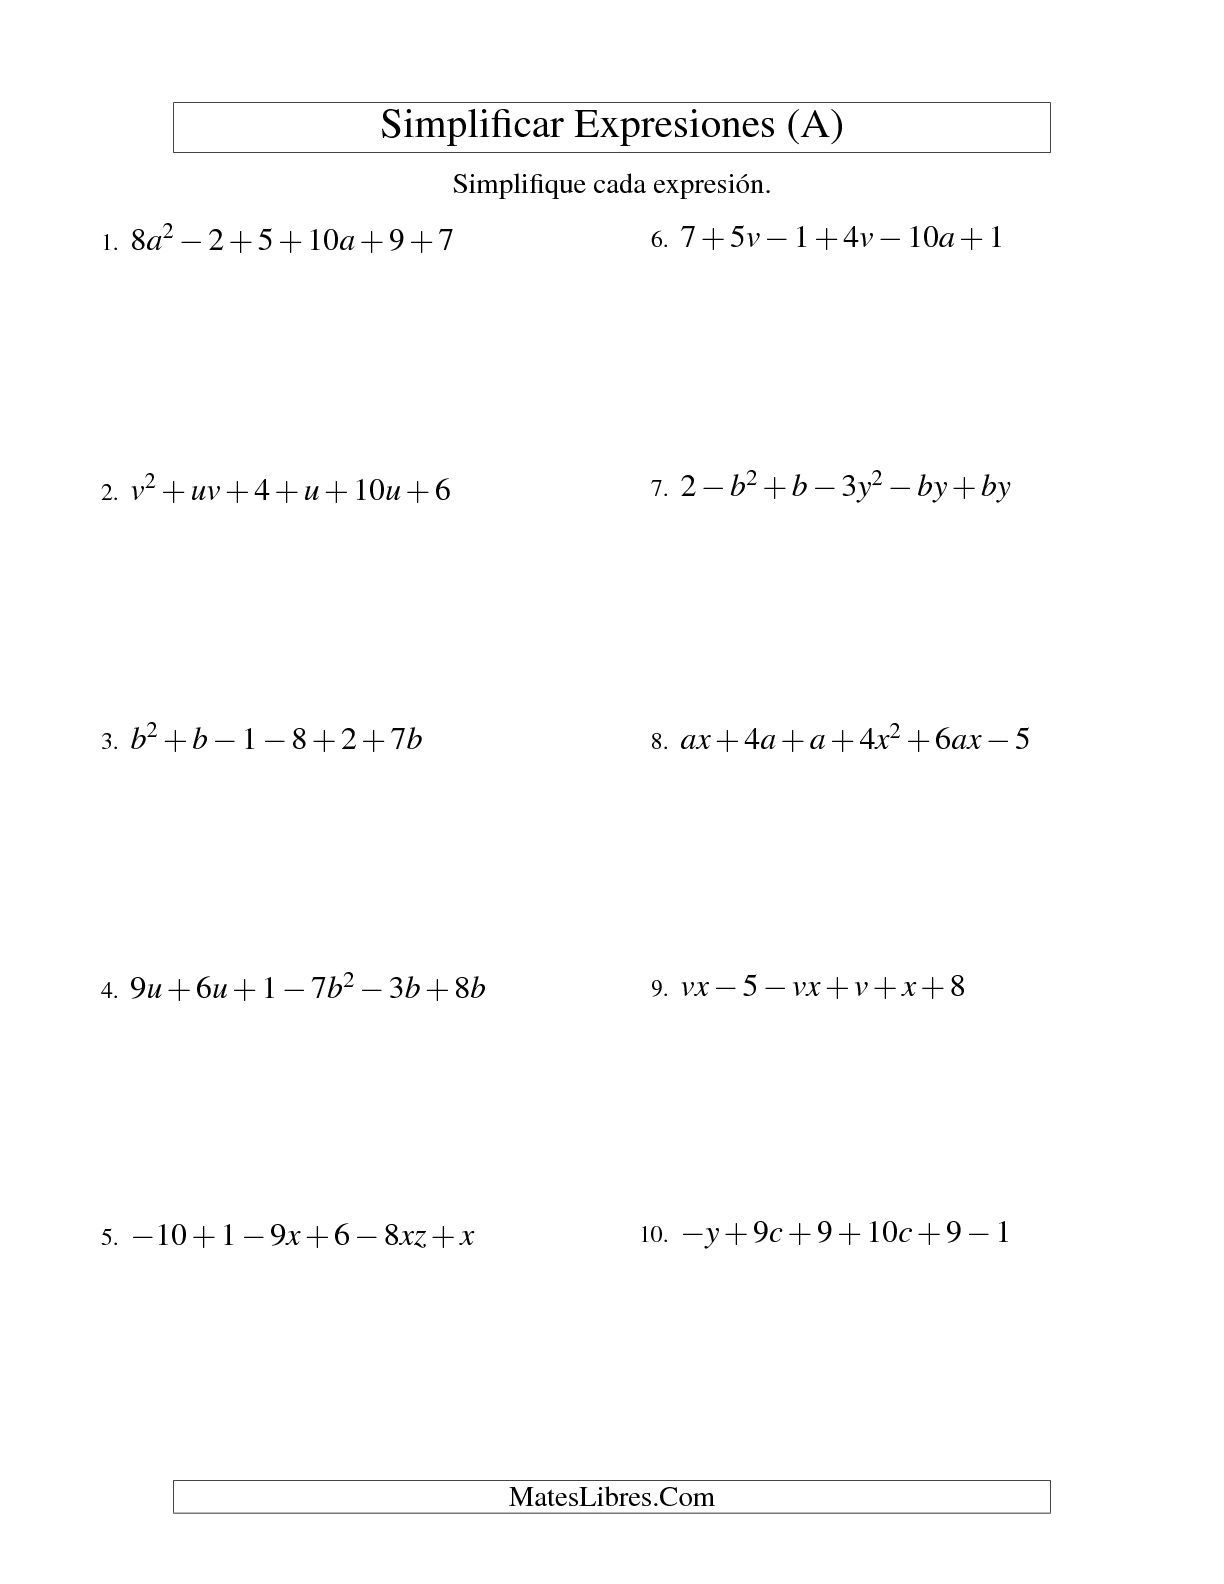 La hoja de ejercicios de Simplificar Expresiones Algebraicas, Suma y ...